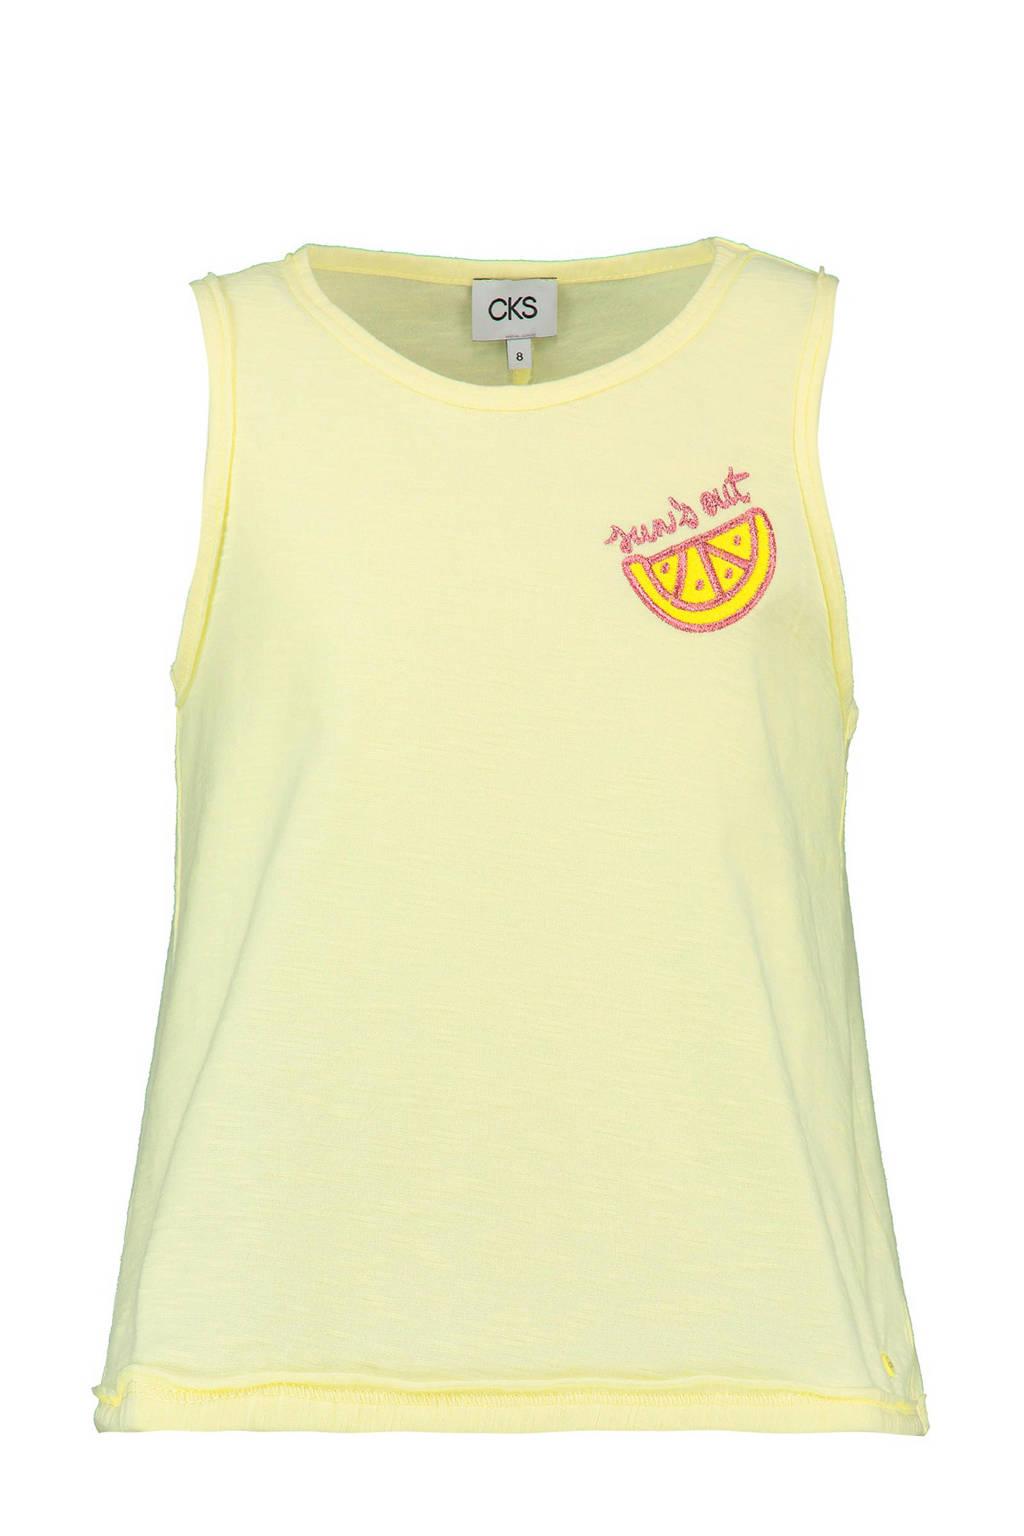 CKS KIDS singlet Lotus met citroen geel, Geel